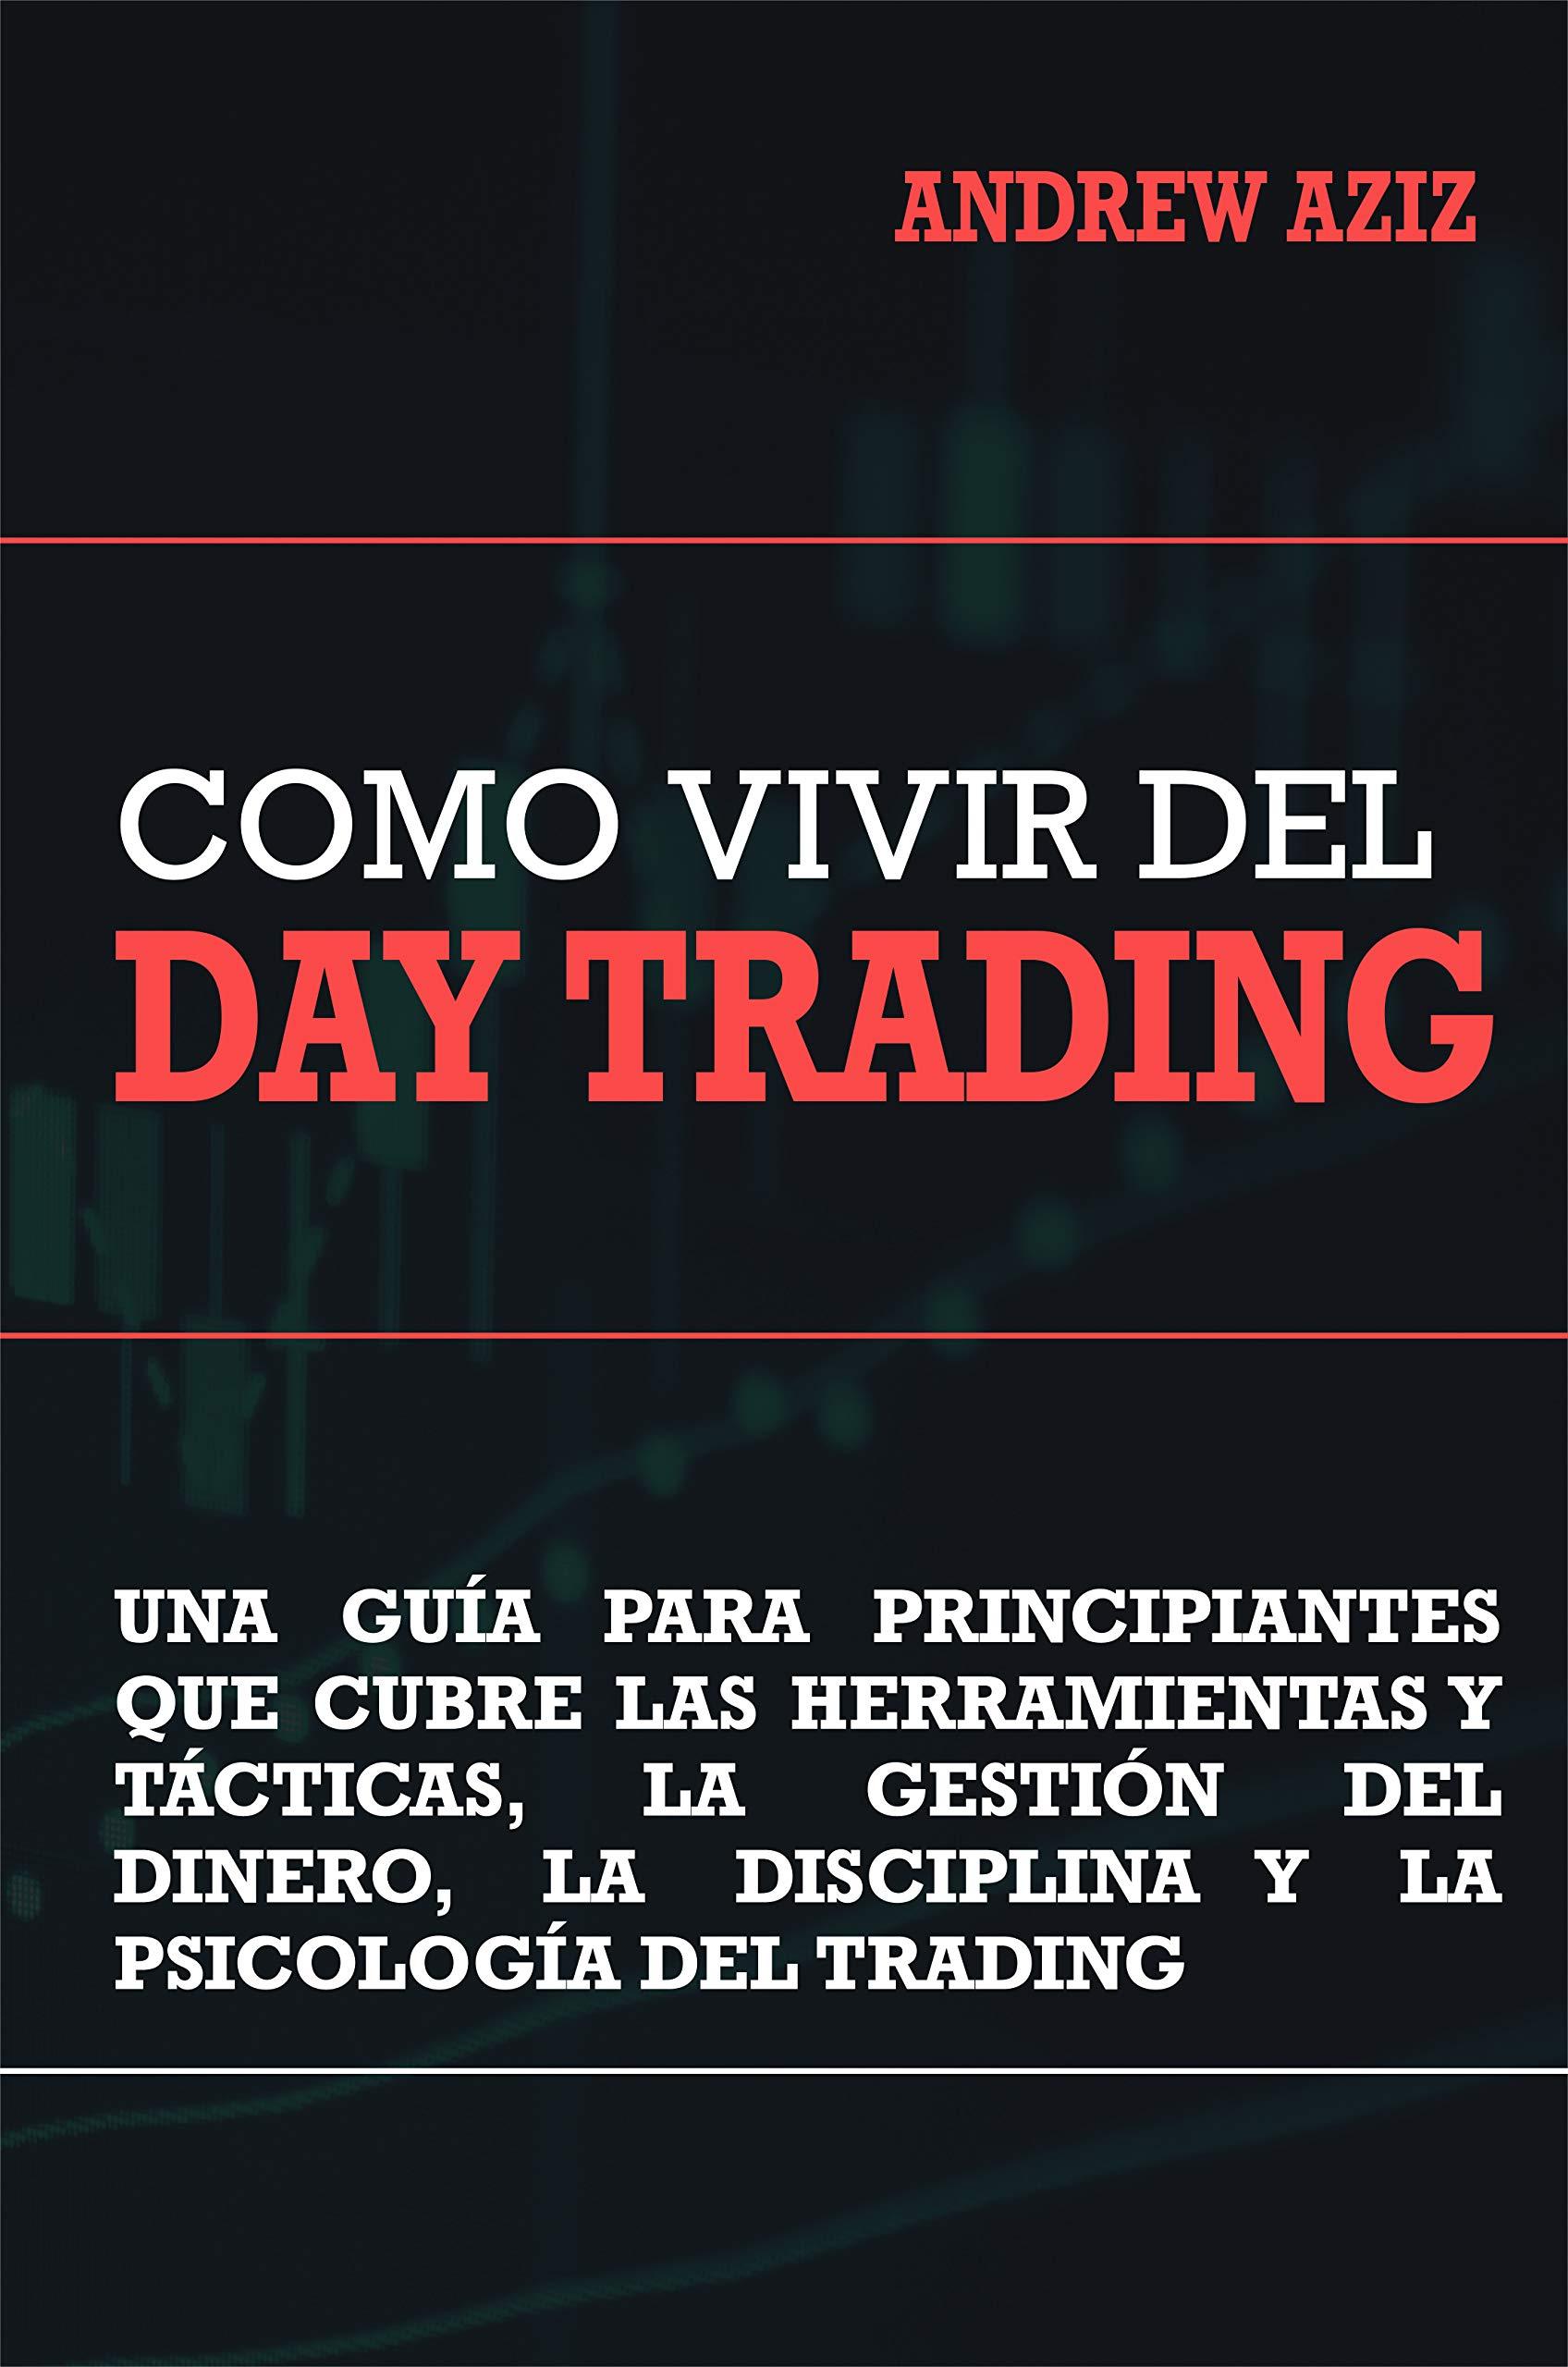 Como Vivir del Day Trading: Una Guía para Principiantes que cubre las Herramientas y Tácticas, la Gestión del Dinero, la Disciplina y la Psicología del Trading (Spanish Edition)